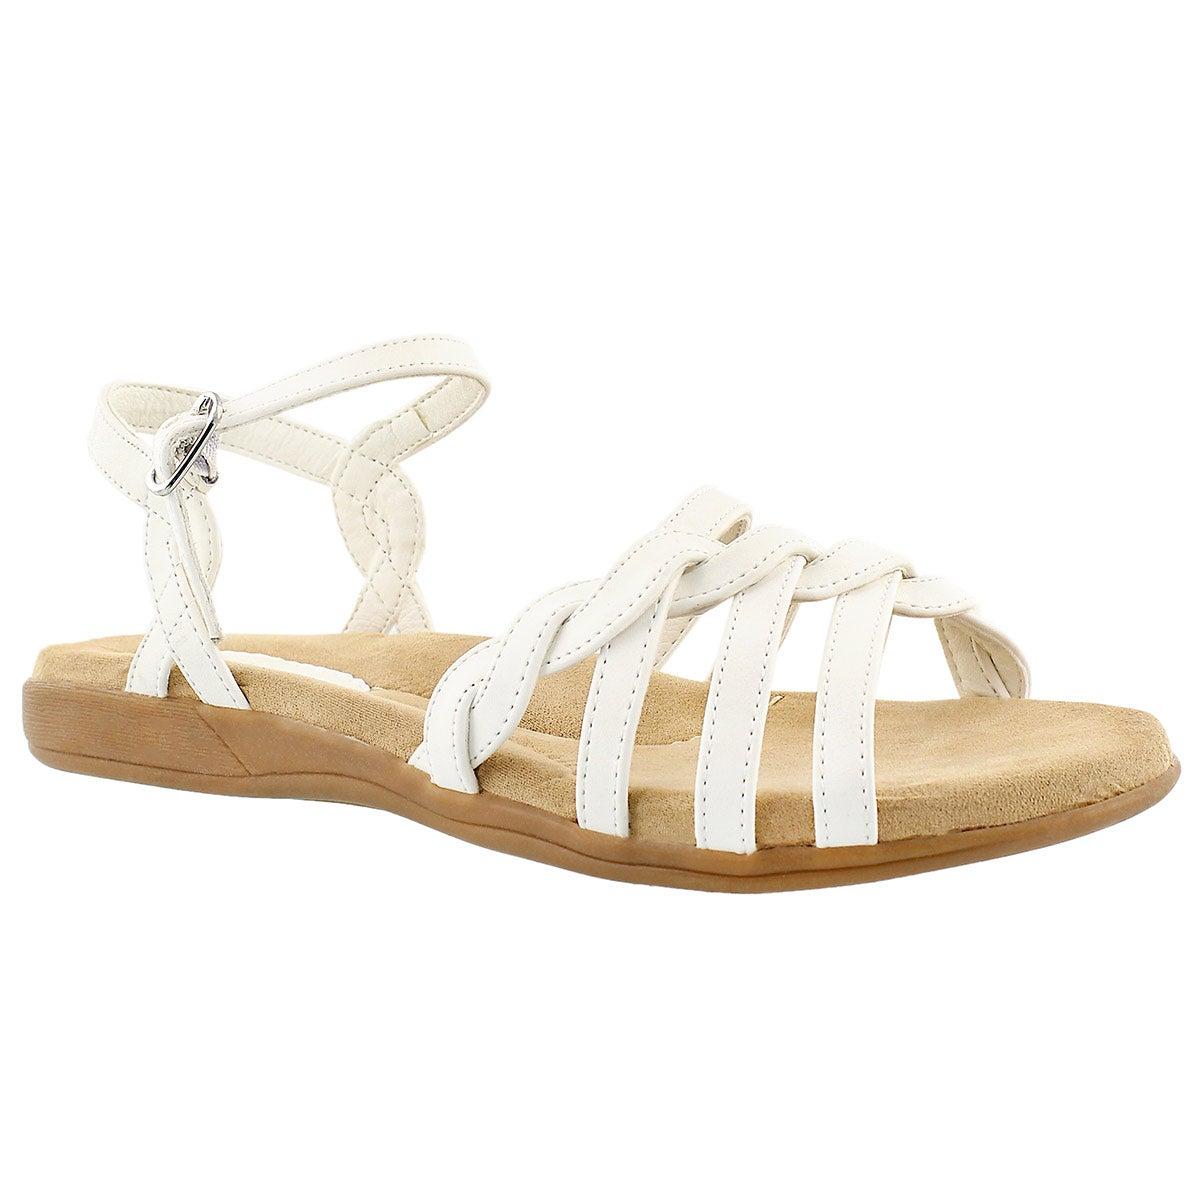 Women's GRACE white memory foam sandals